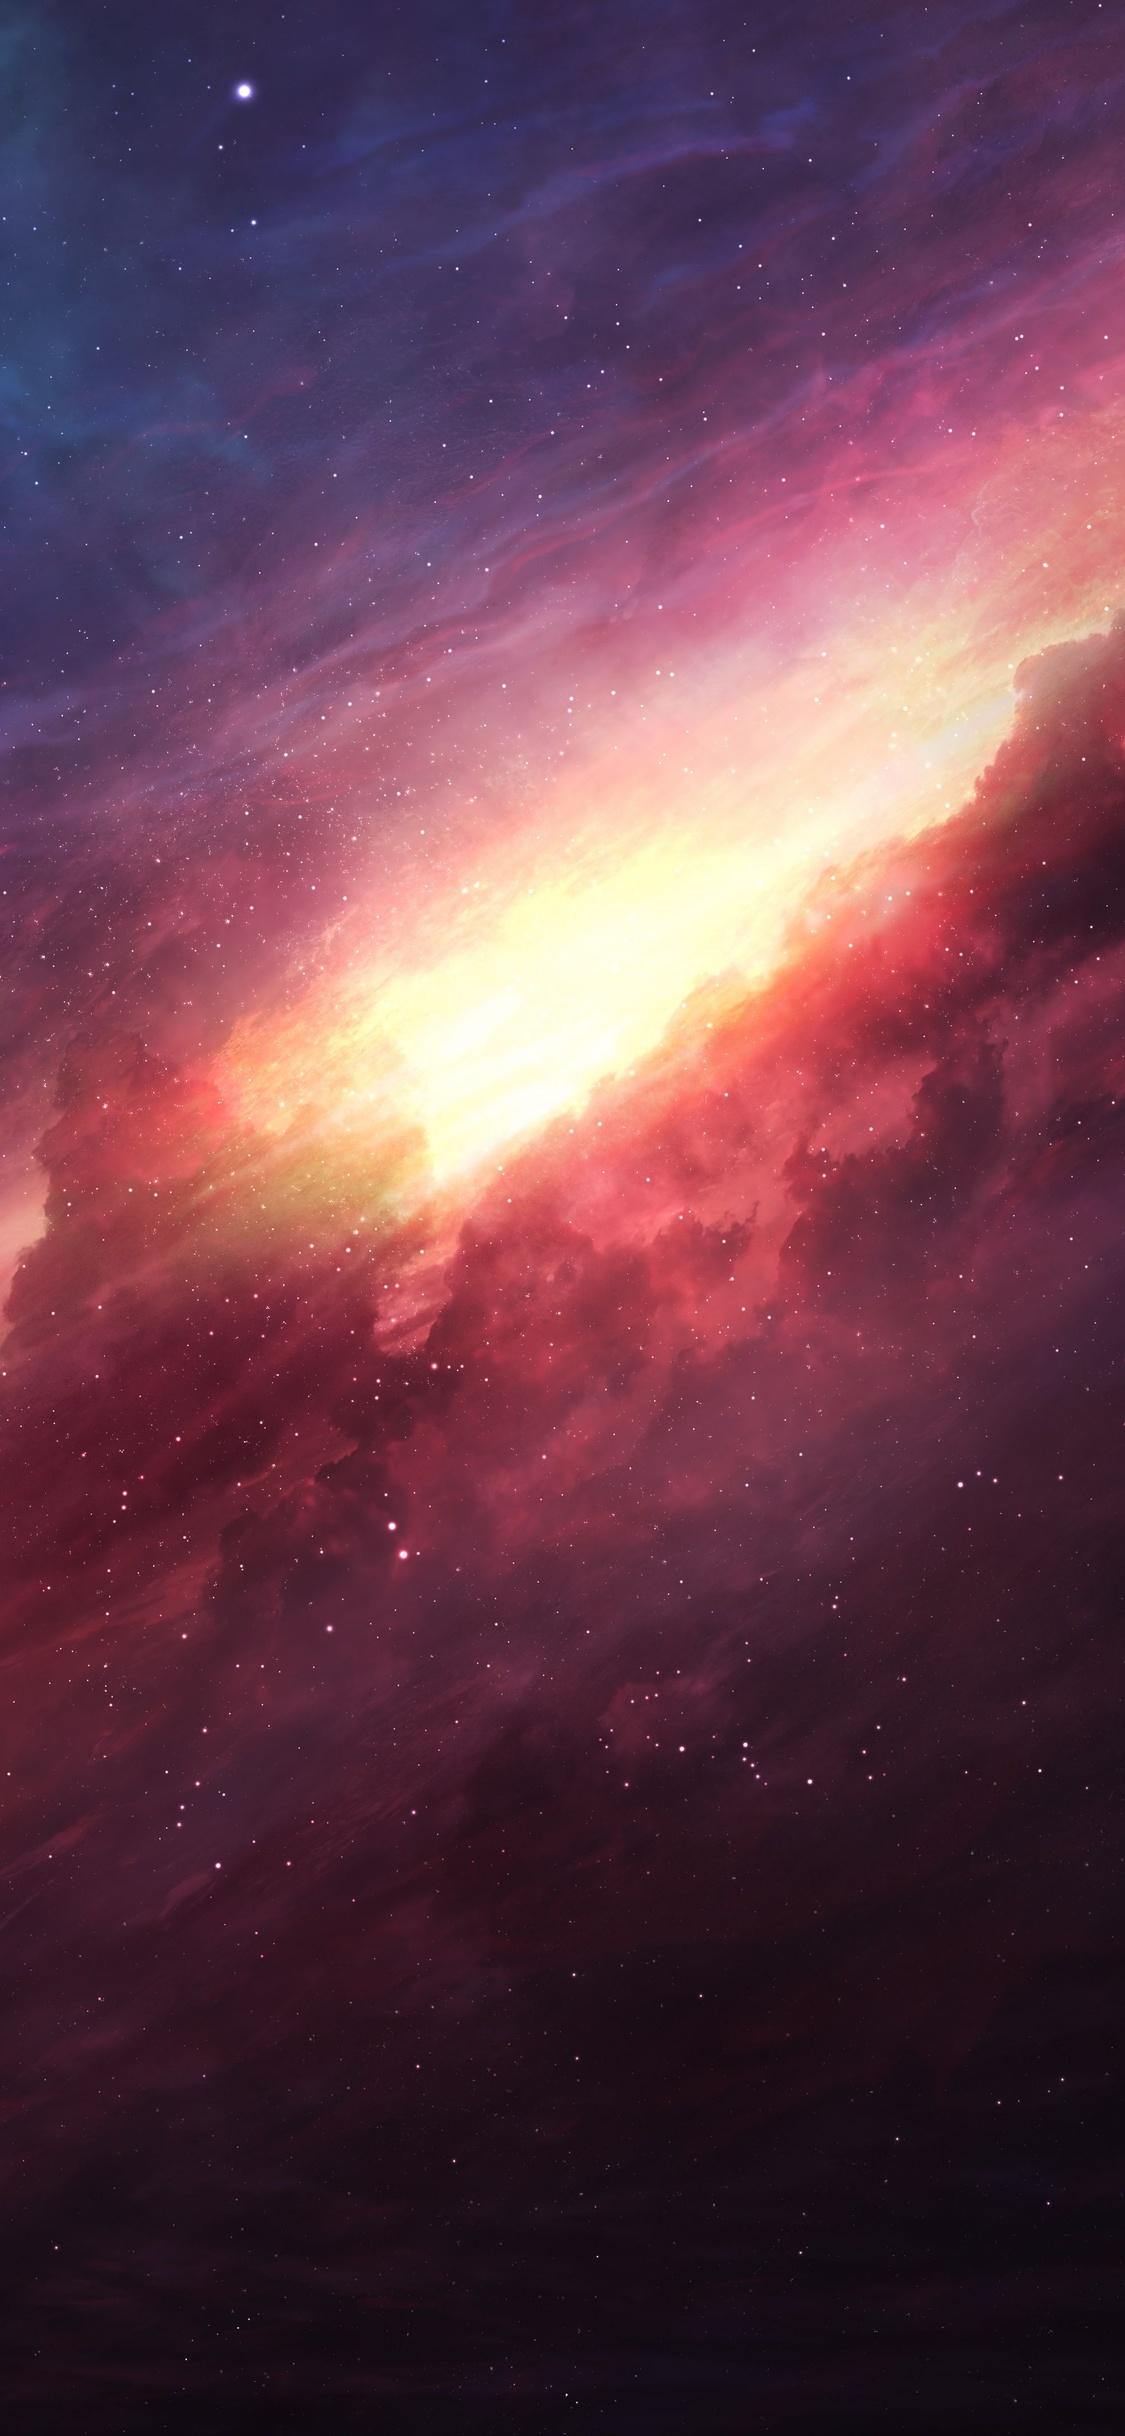 milkyway-space-8k-oa.jpg